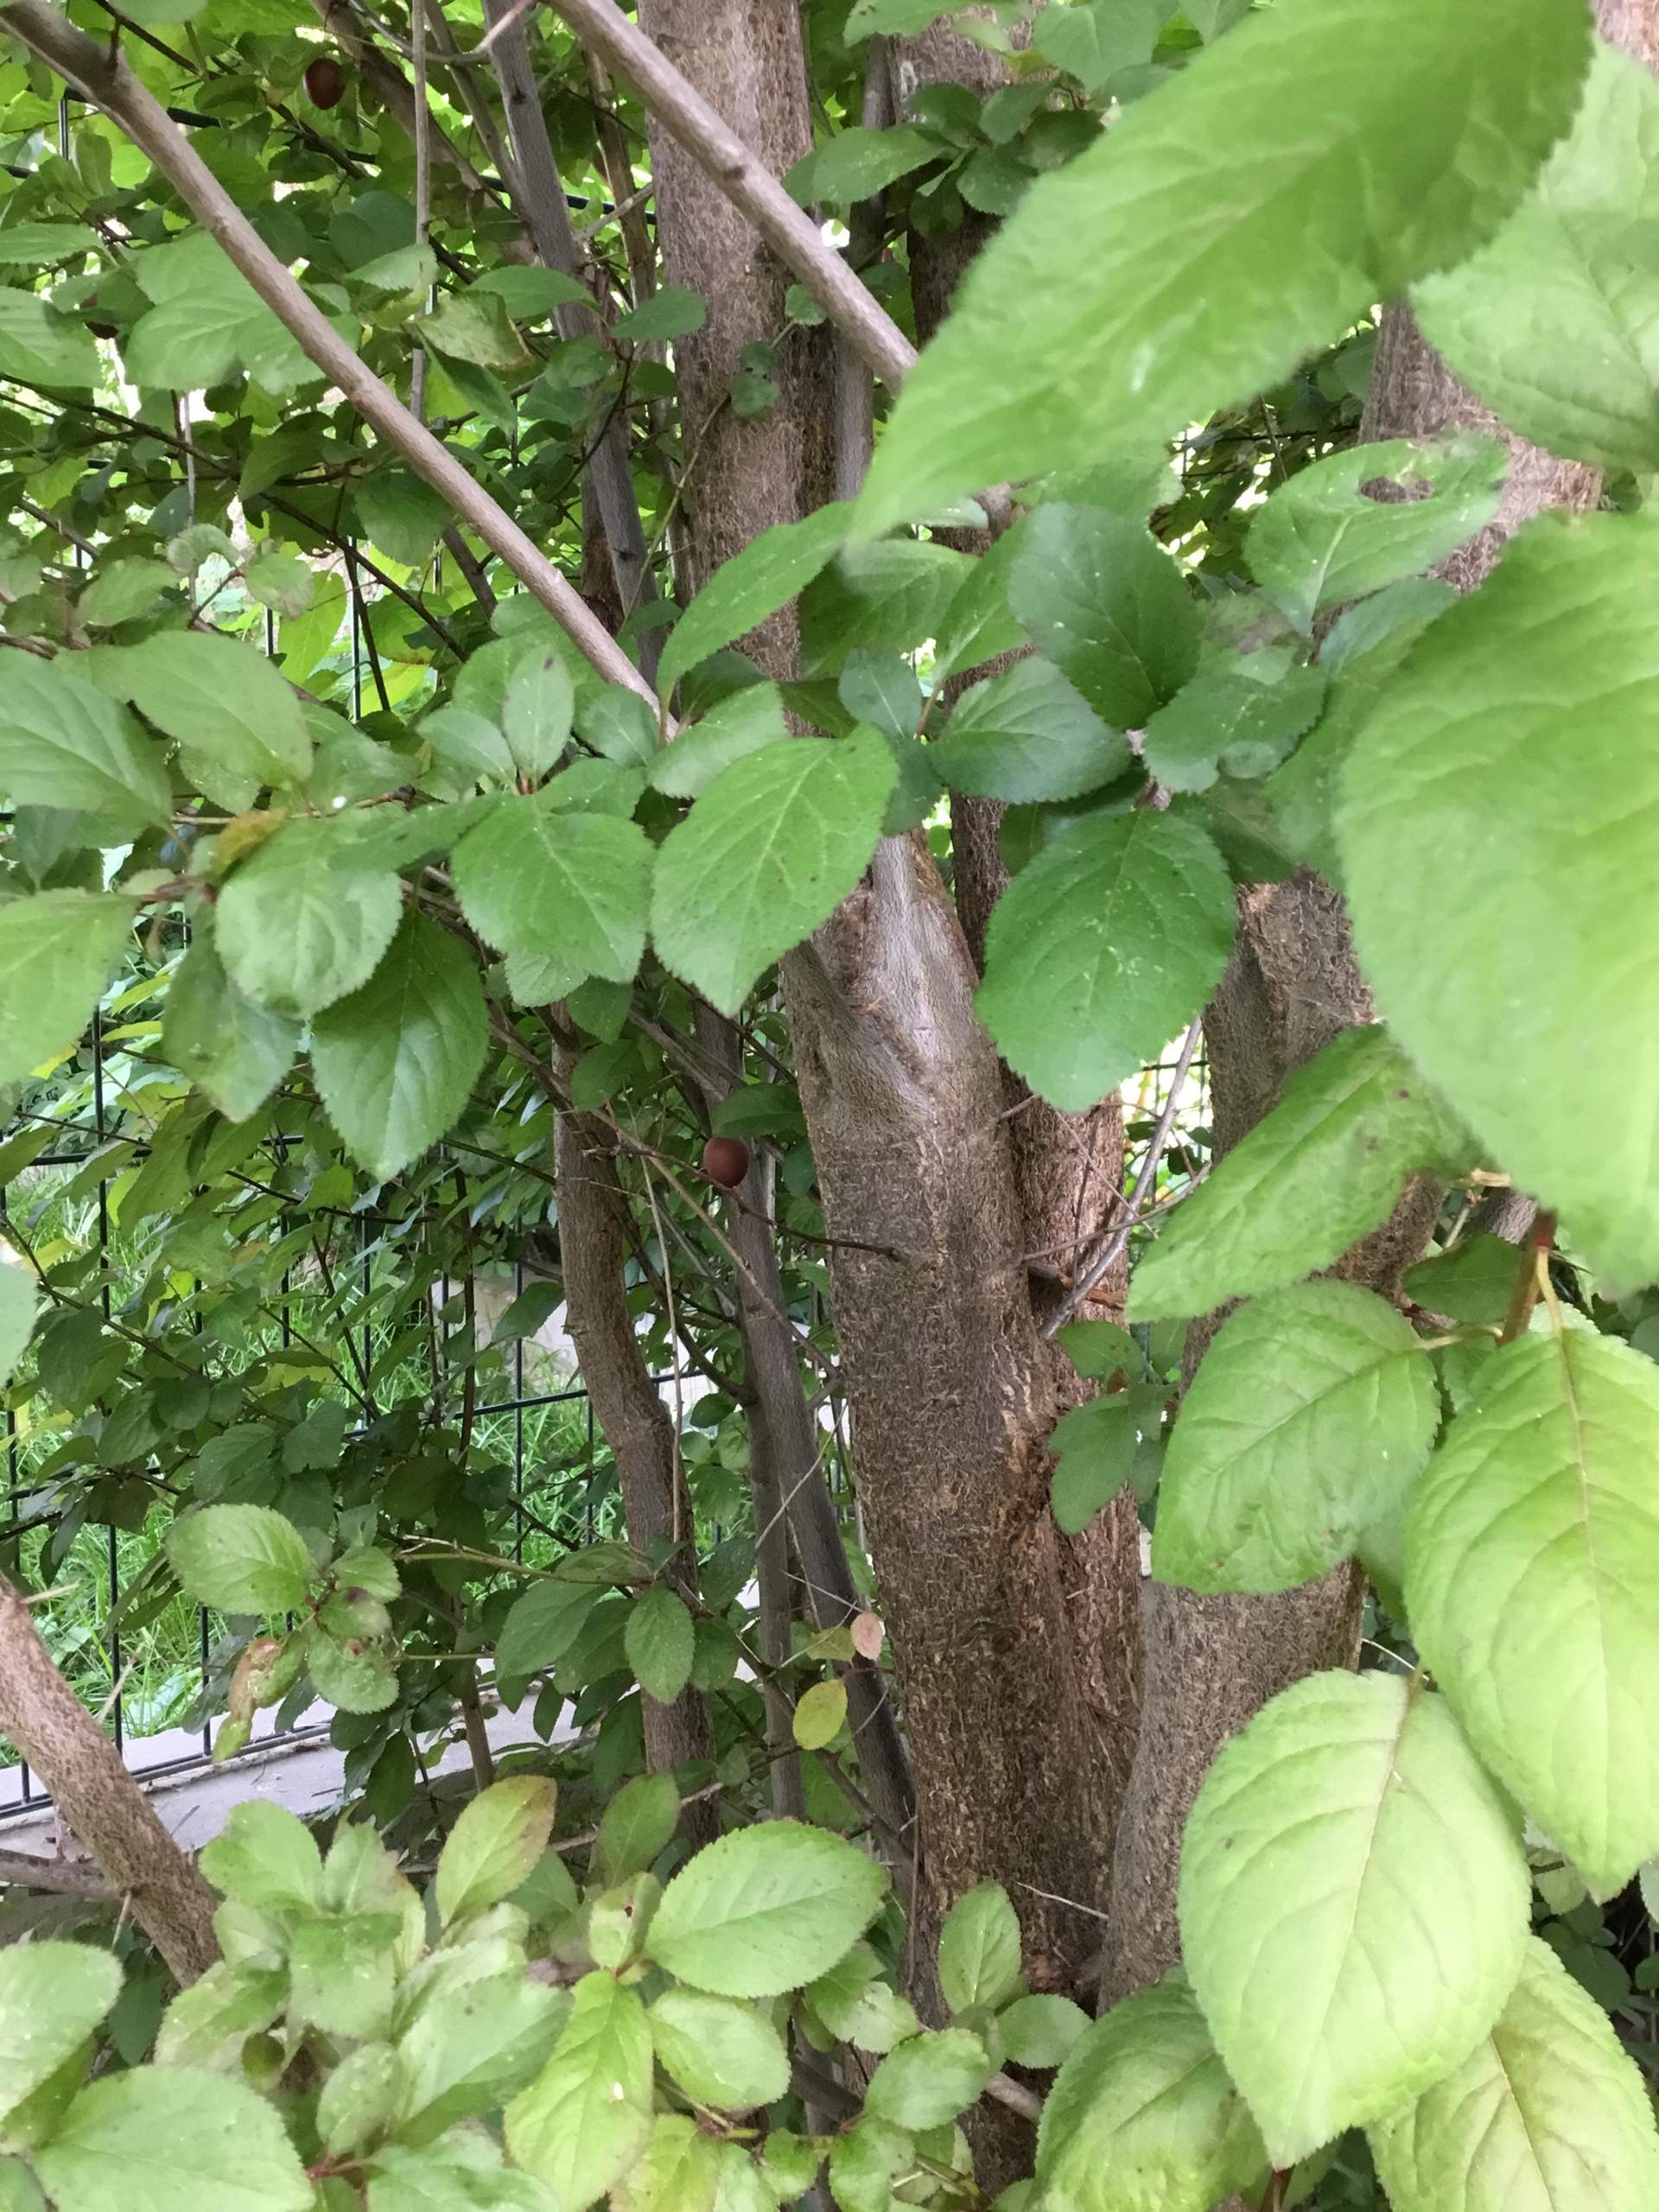 Wer kann mir diese Pflanze / Früchte bestimmen? (Pflanzen